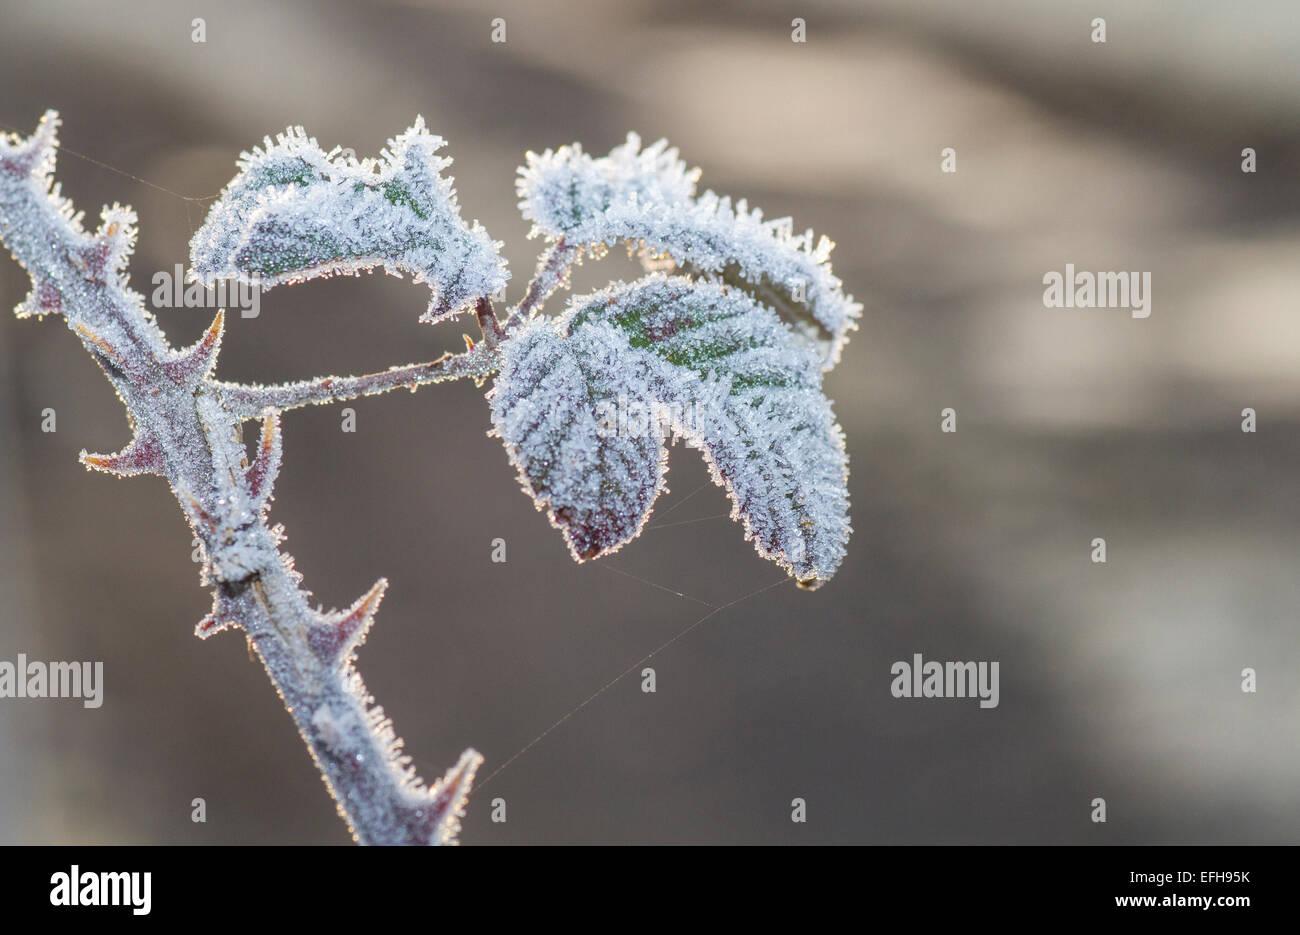 Frosty matin soleil sur la tige et des feuilles épineuses avec araignée Photo Stock